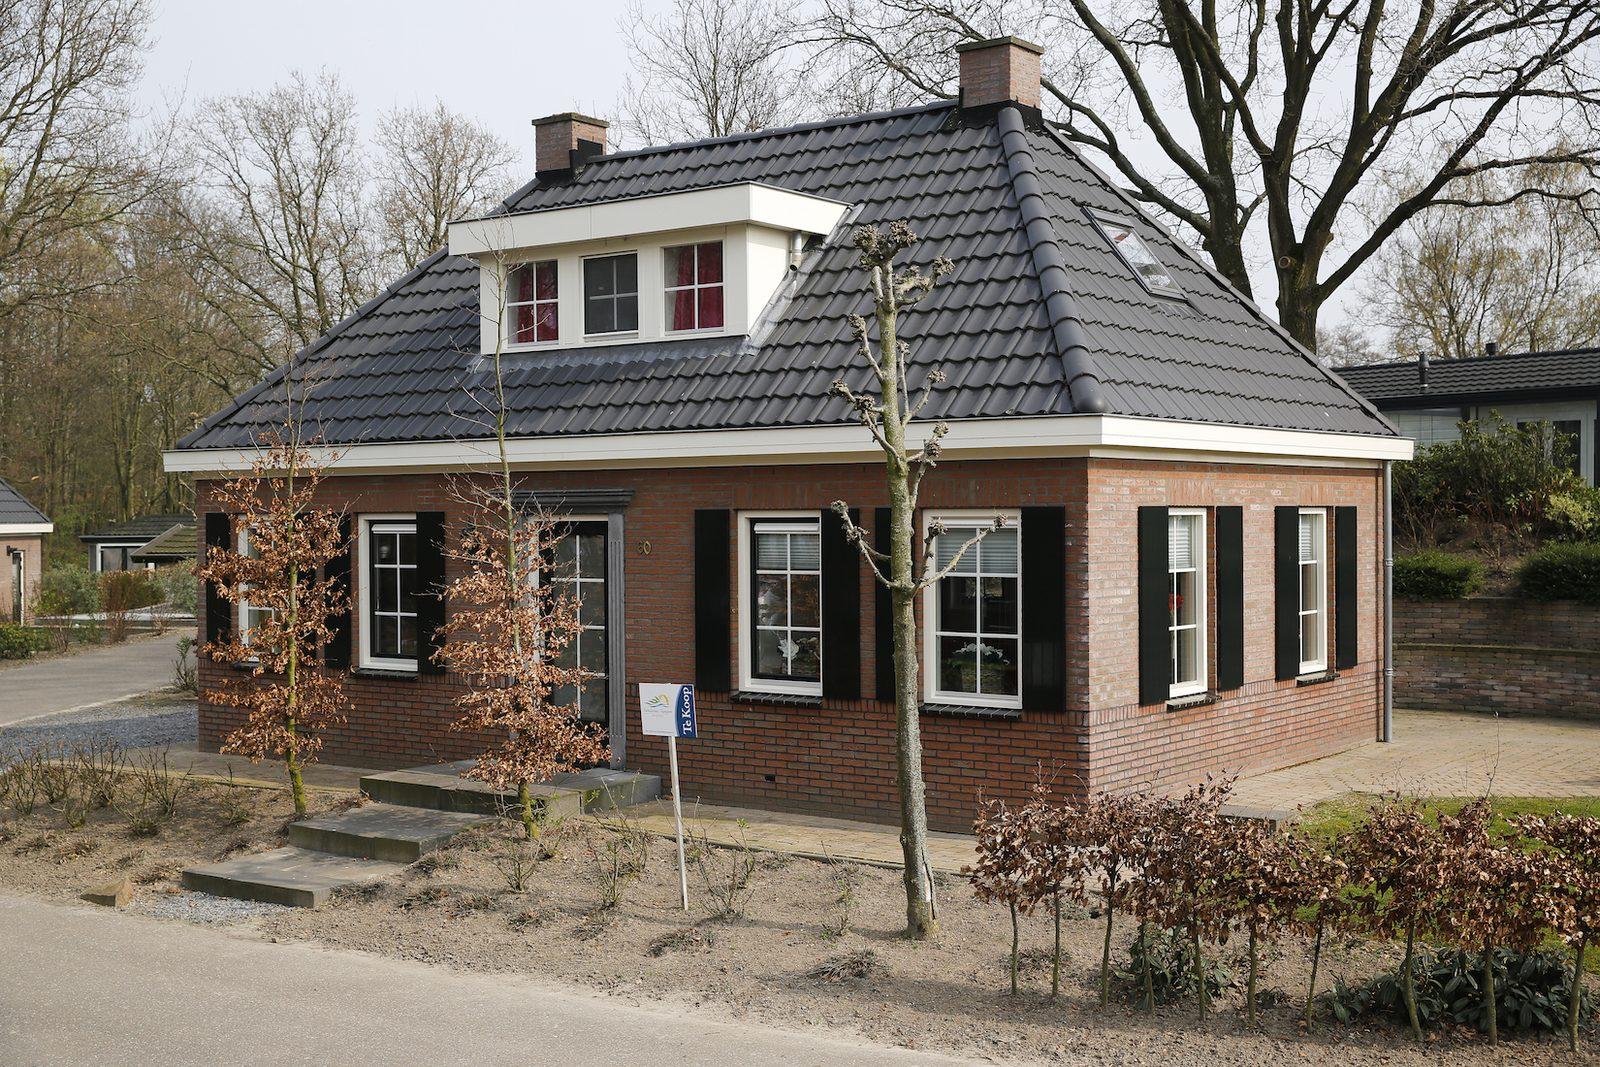 Recreatiewoning kopen nederland